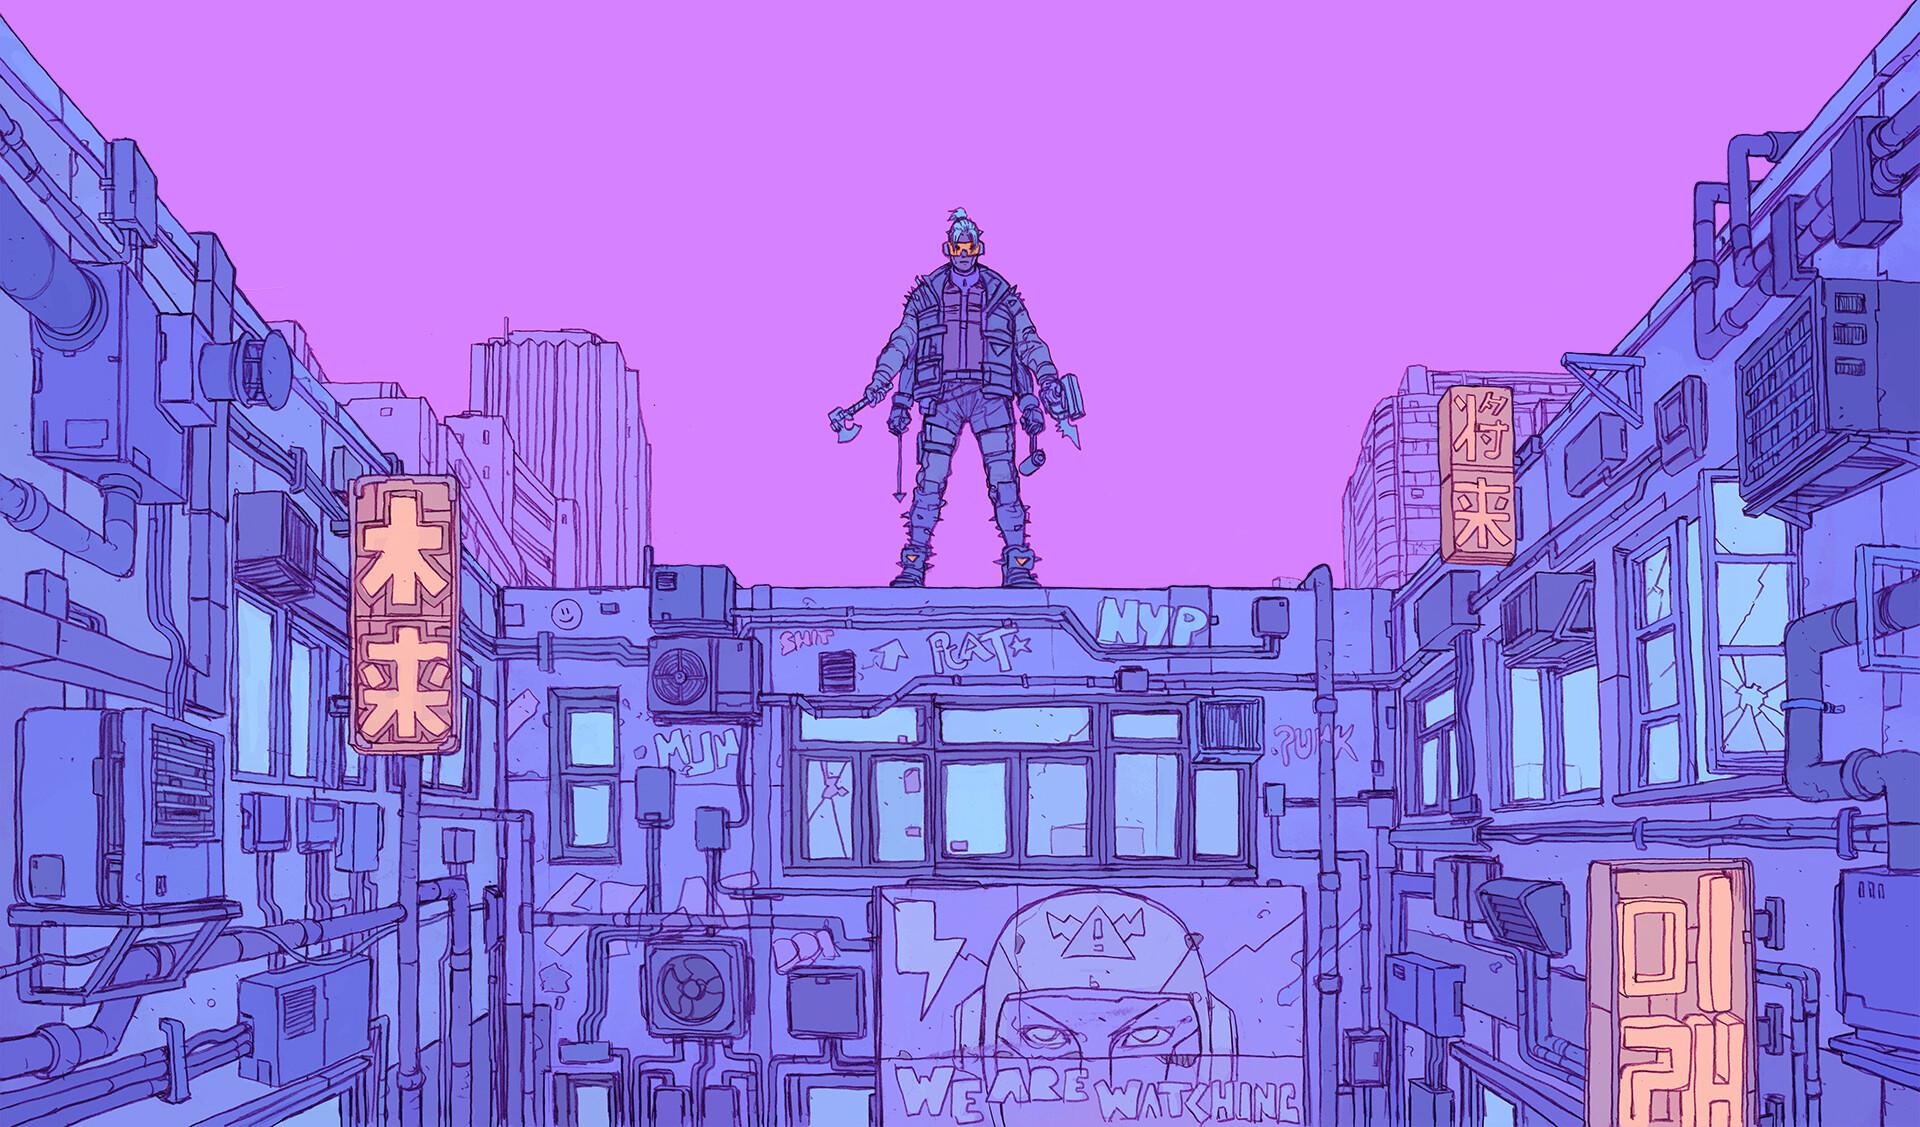 我們曾經推薦過的這位藝術家為《賽博朋克2077》繪製了封面插畫